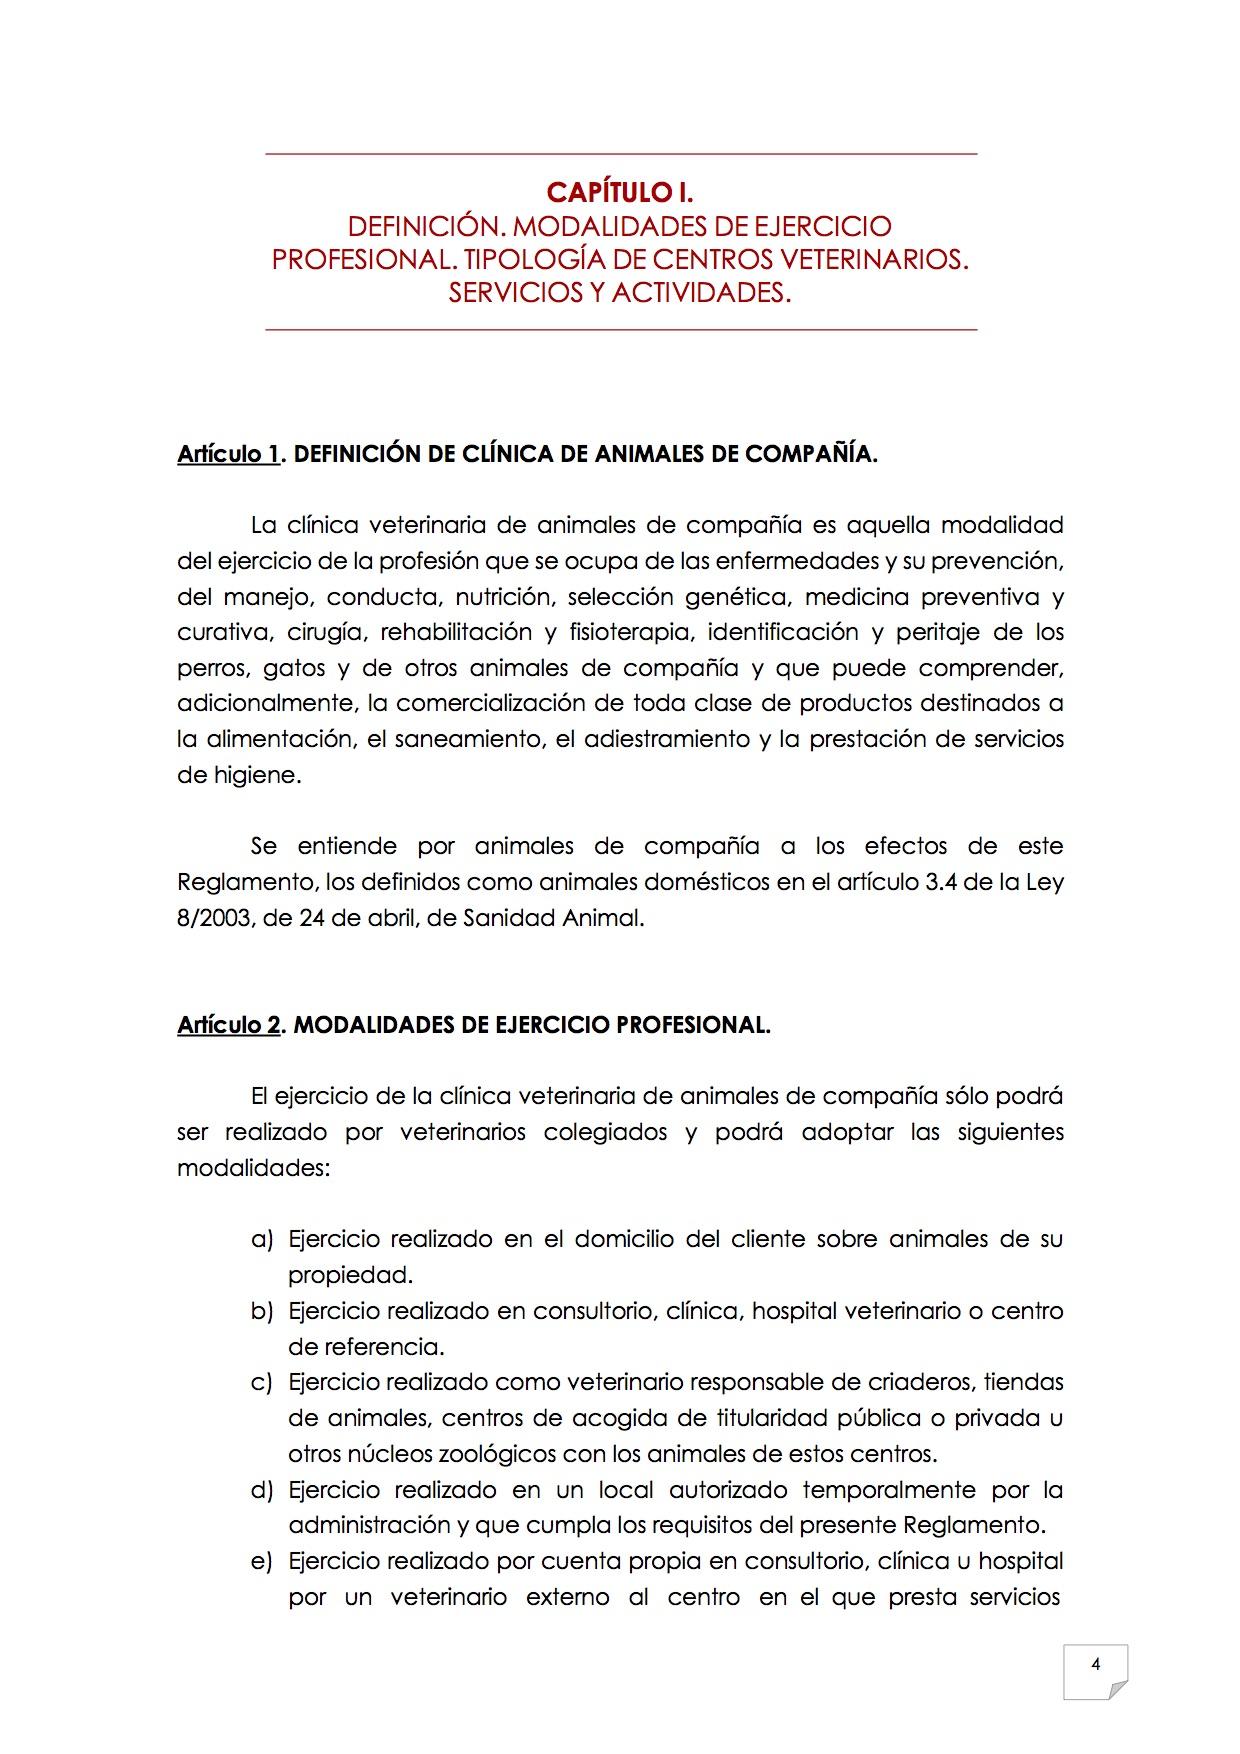 2015_07_11 5REGLAMENTO PARA EL EJERCICIO PROFESIONAL EN CLÍNICA DE ANIMALES DE COMPAÑÍA